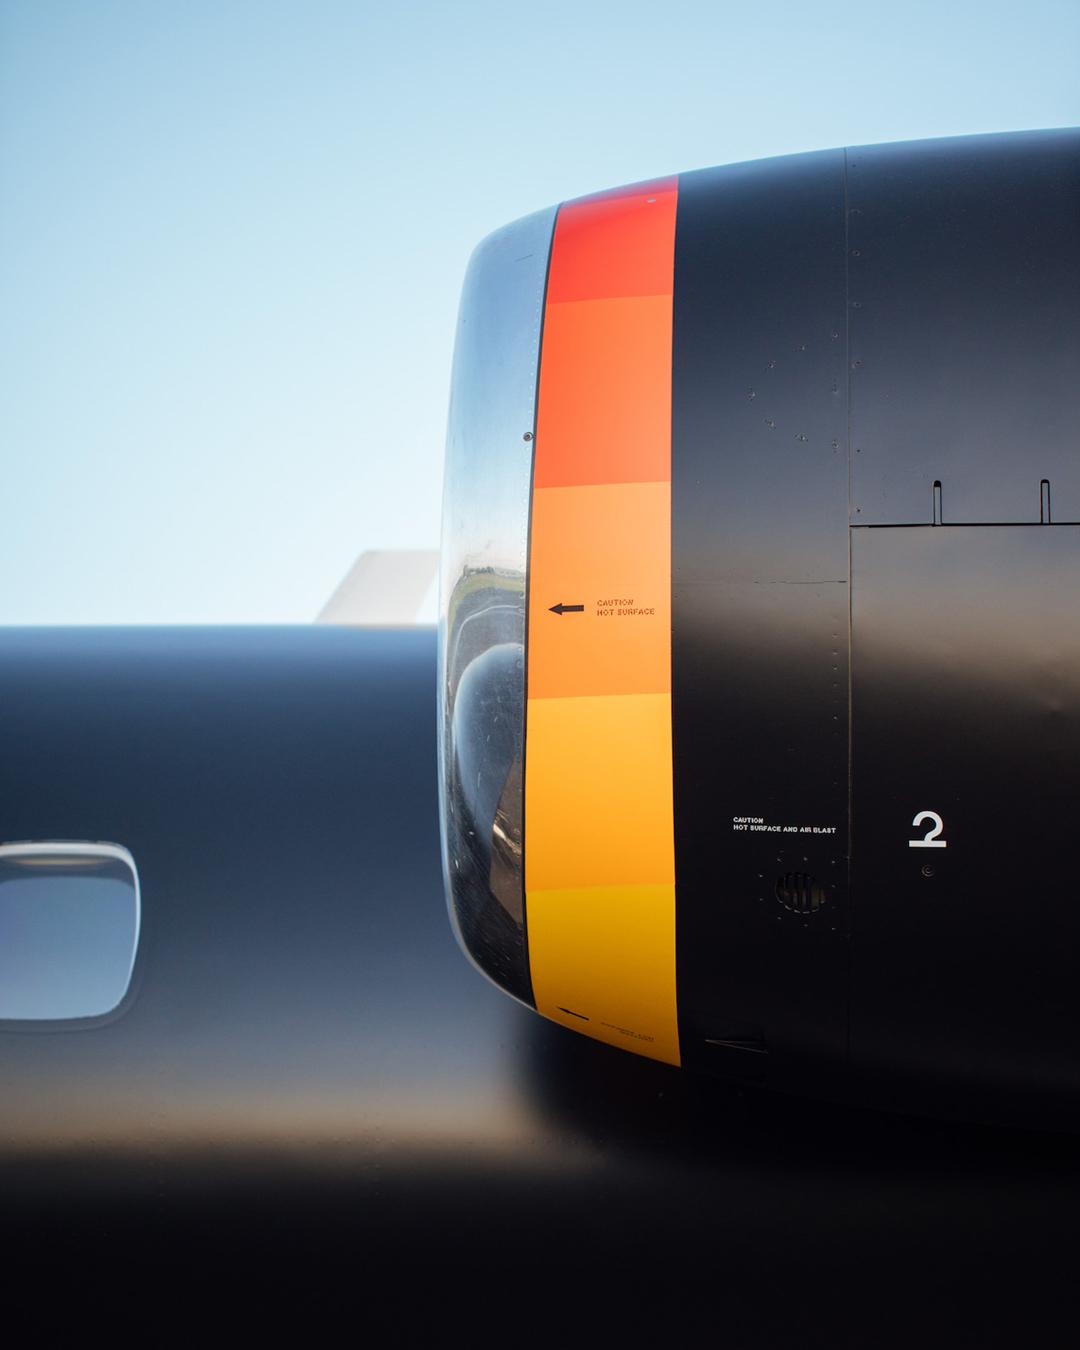 Aero: Brand refresh